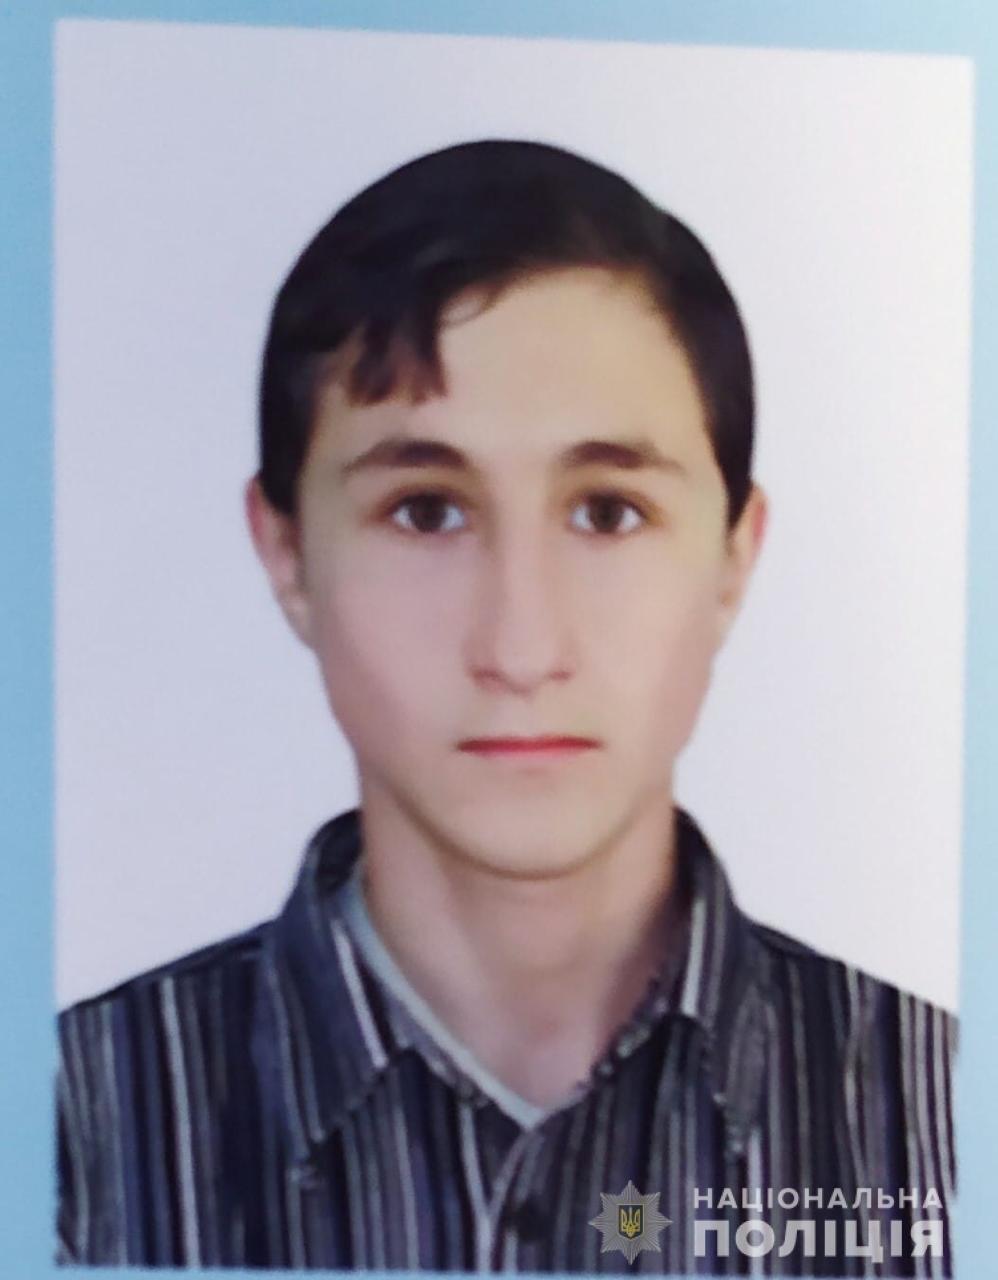 На Днепропетровщине полиция разыскивает двух 16-летних парней, - ФОТО